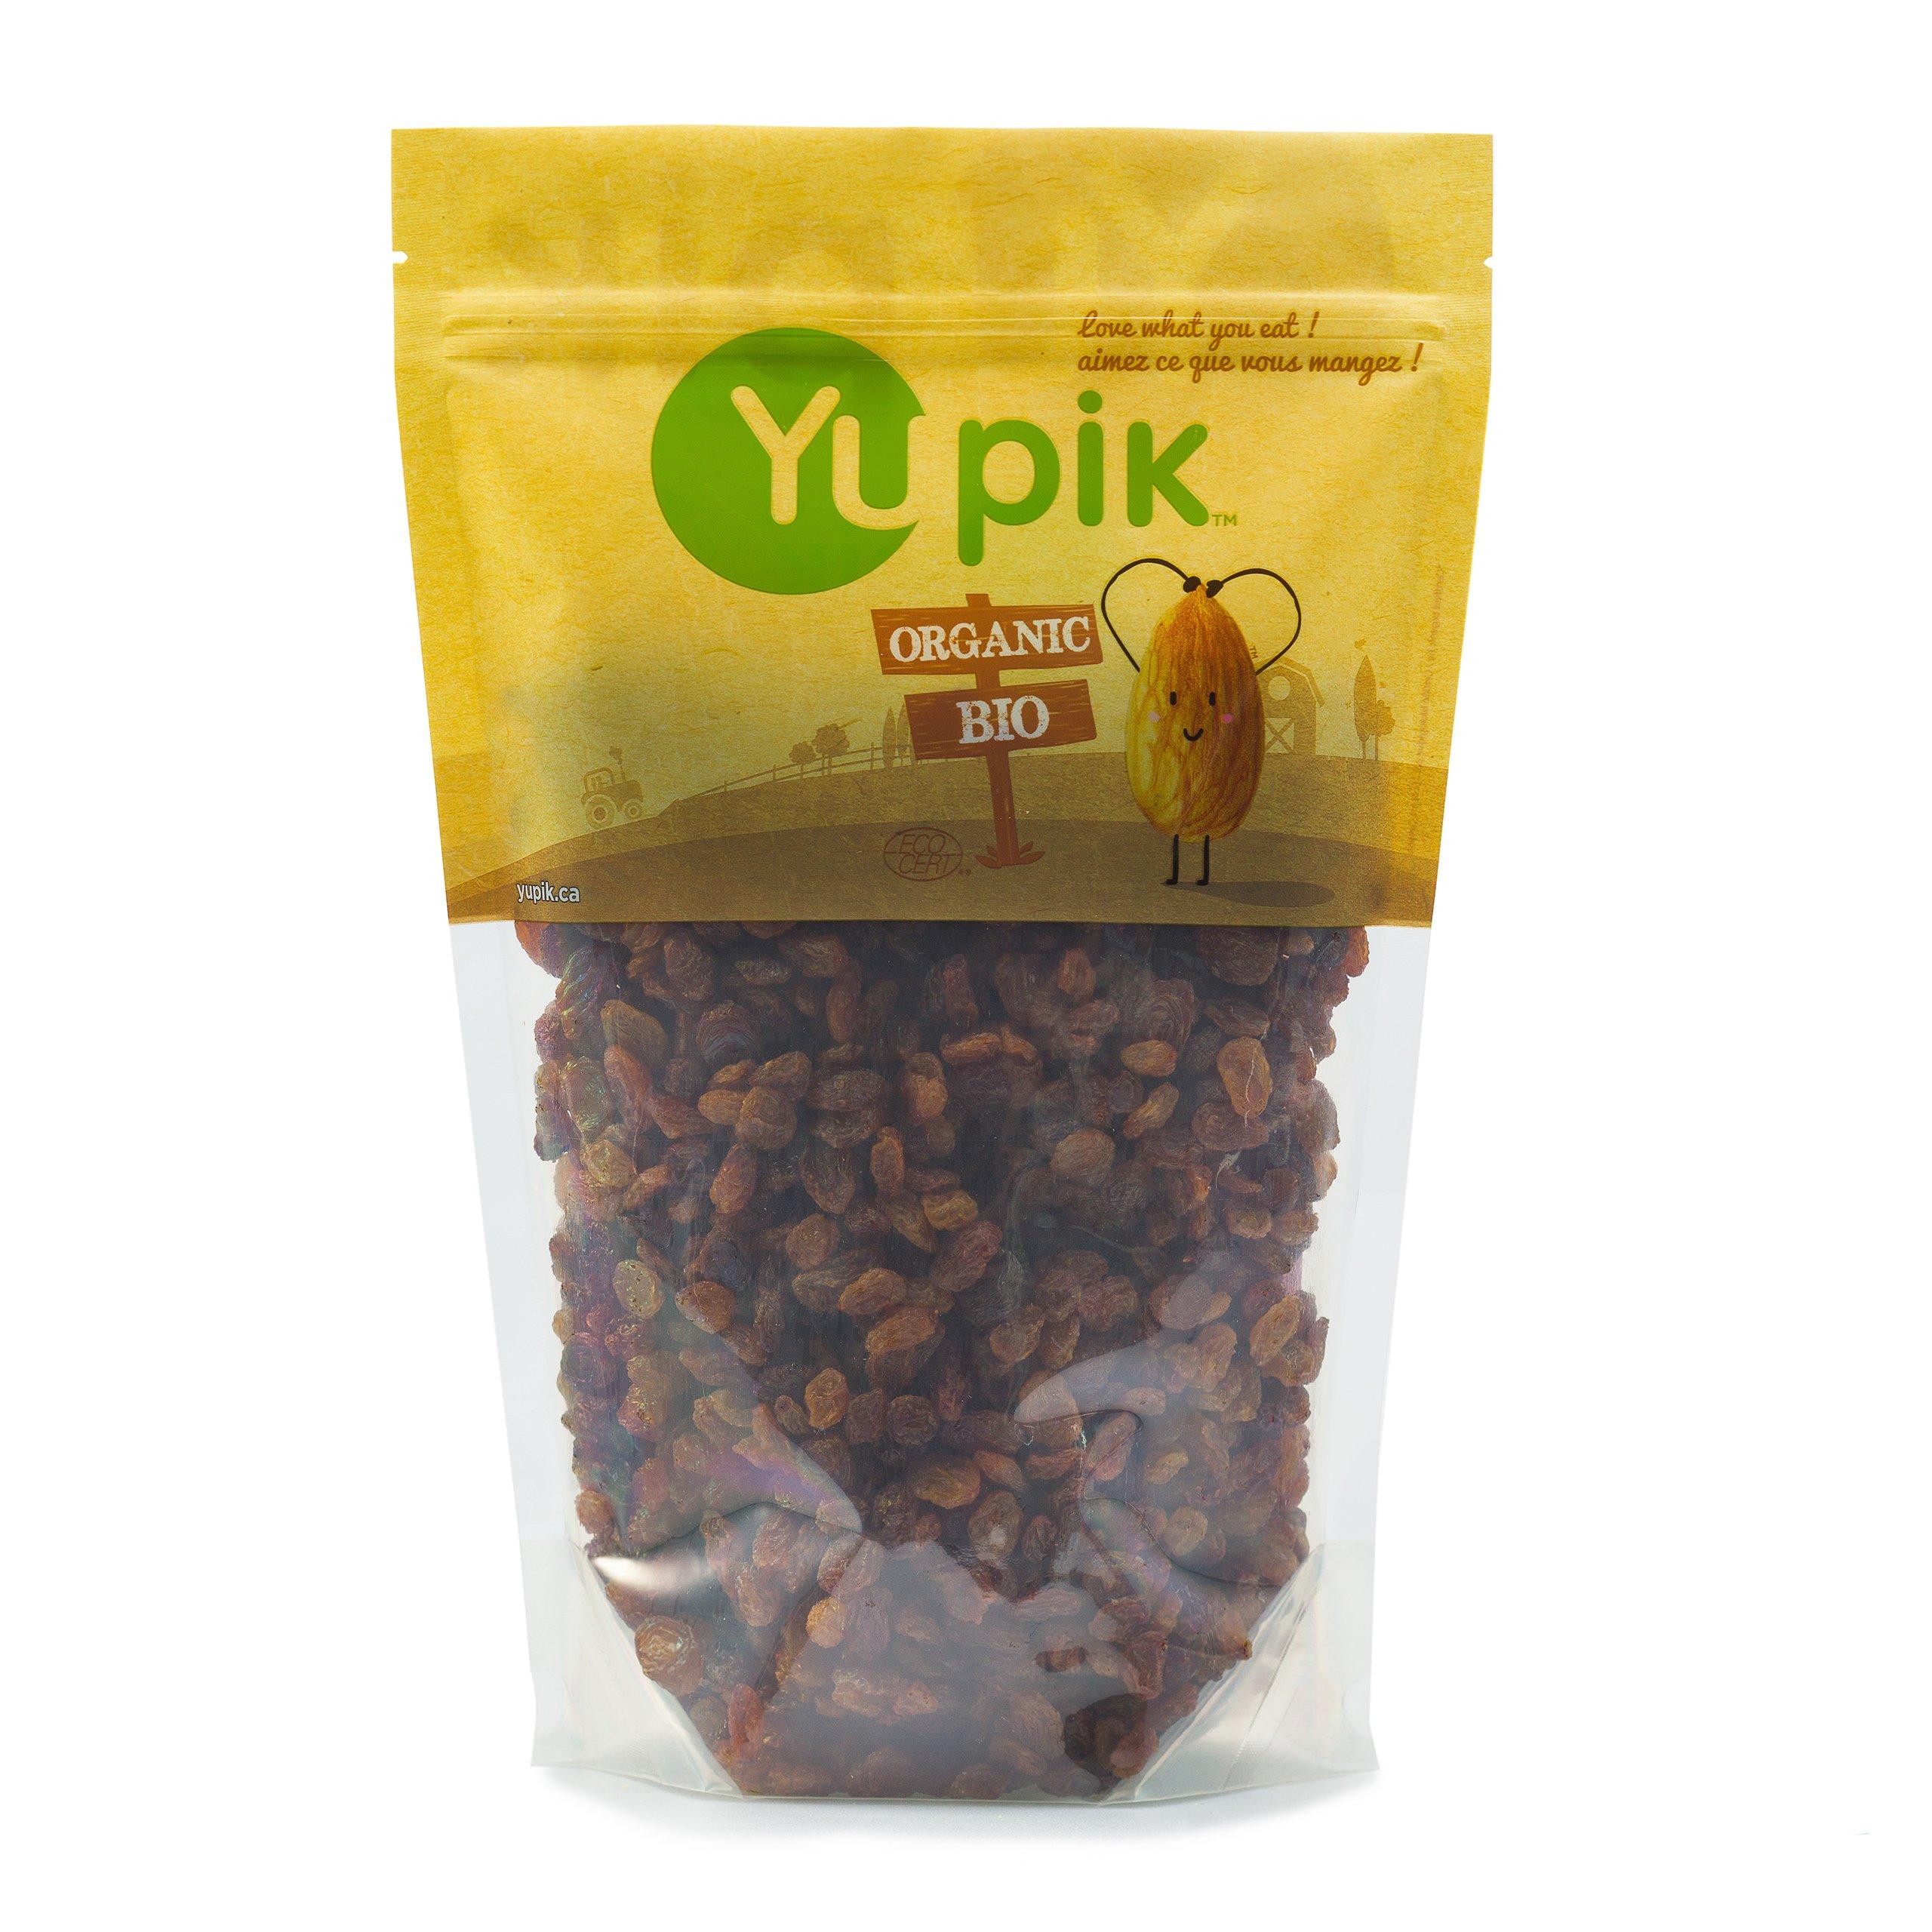 Yupik Organic Sultana Raisins, 2.2 lb by Yupik